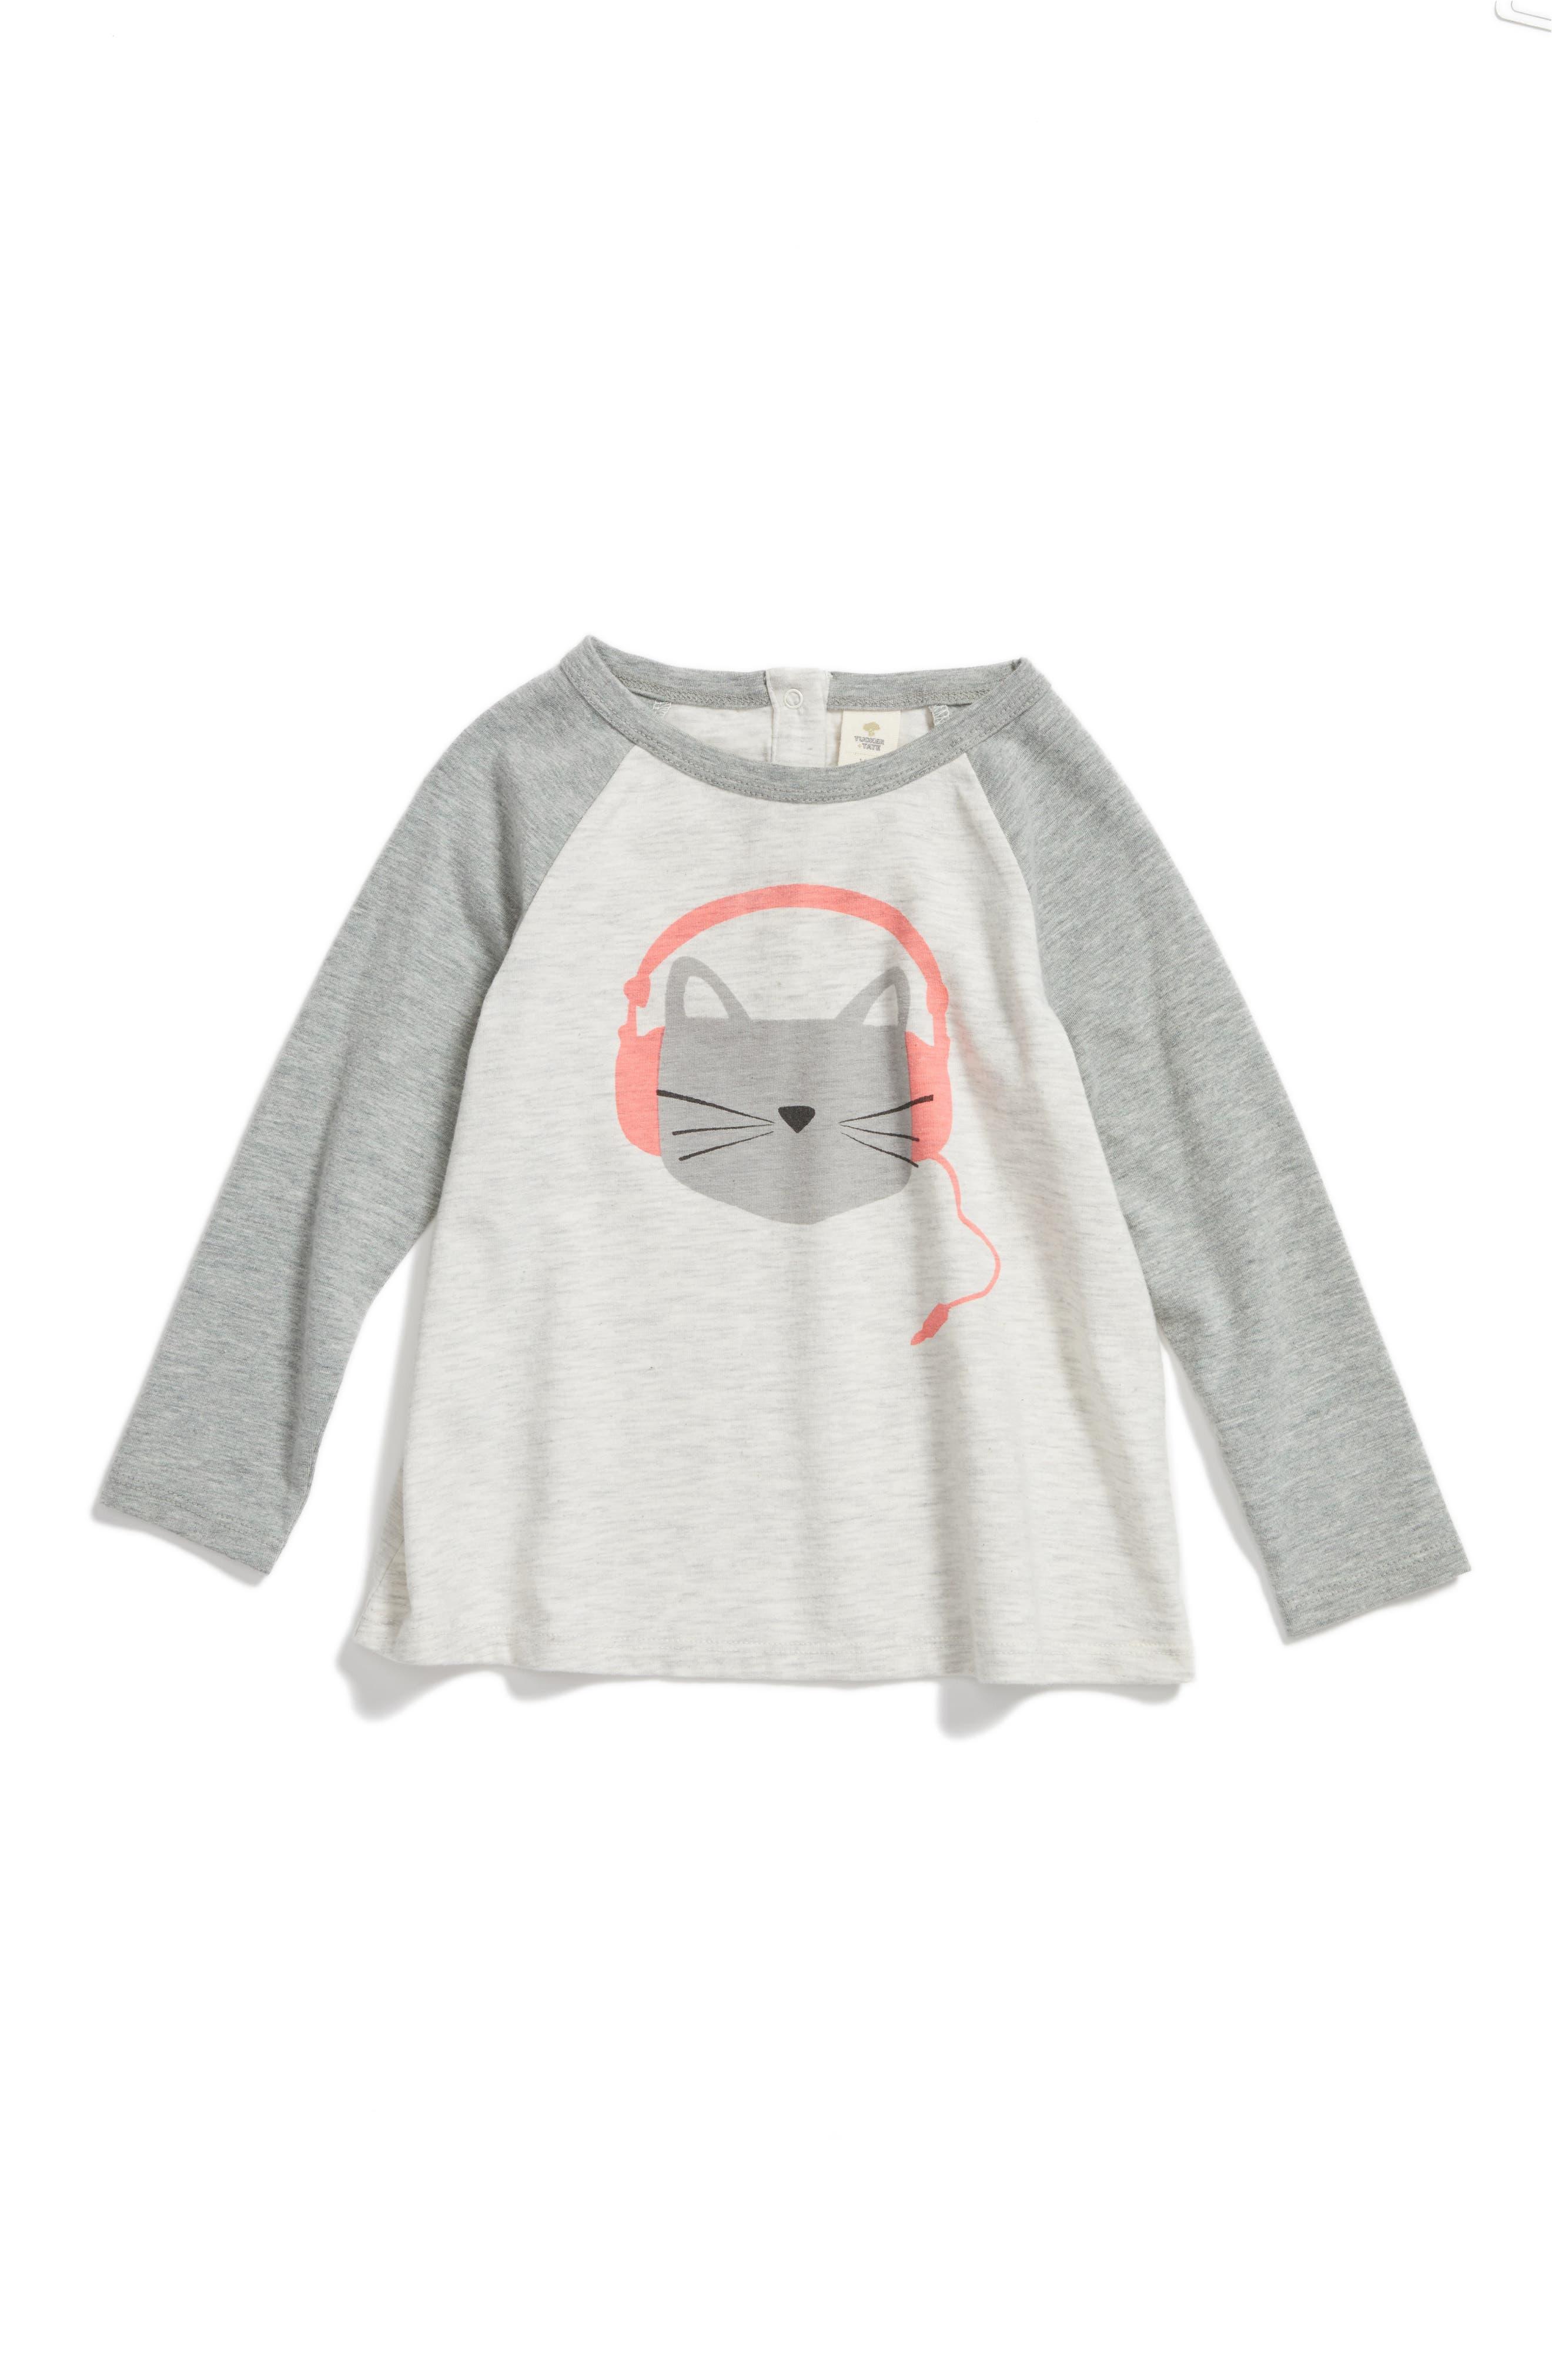 Tucker + Tate Cat Graphic Tee (Baby Girls)